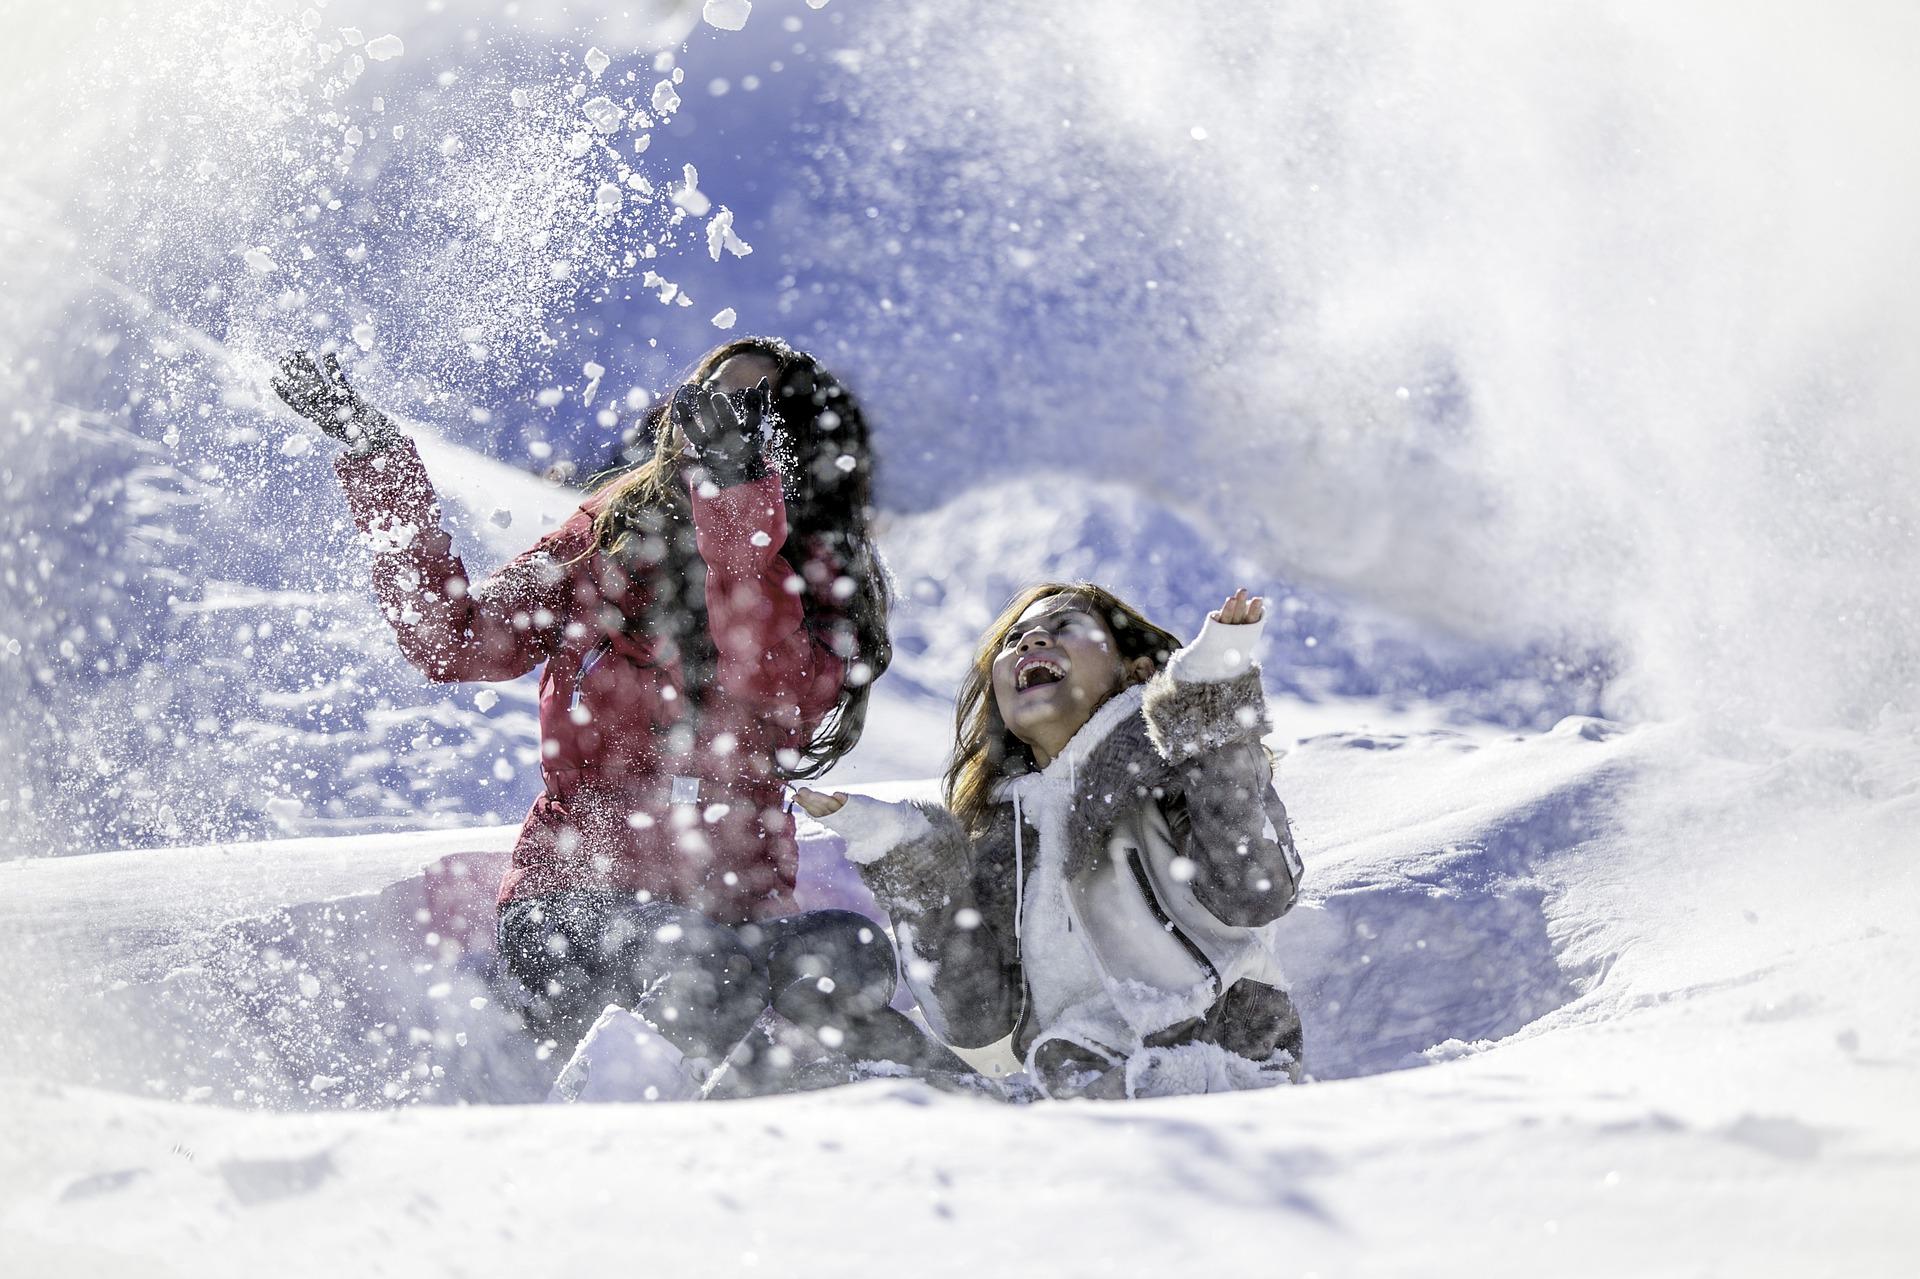 snow-2140909_1920.jpg